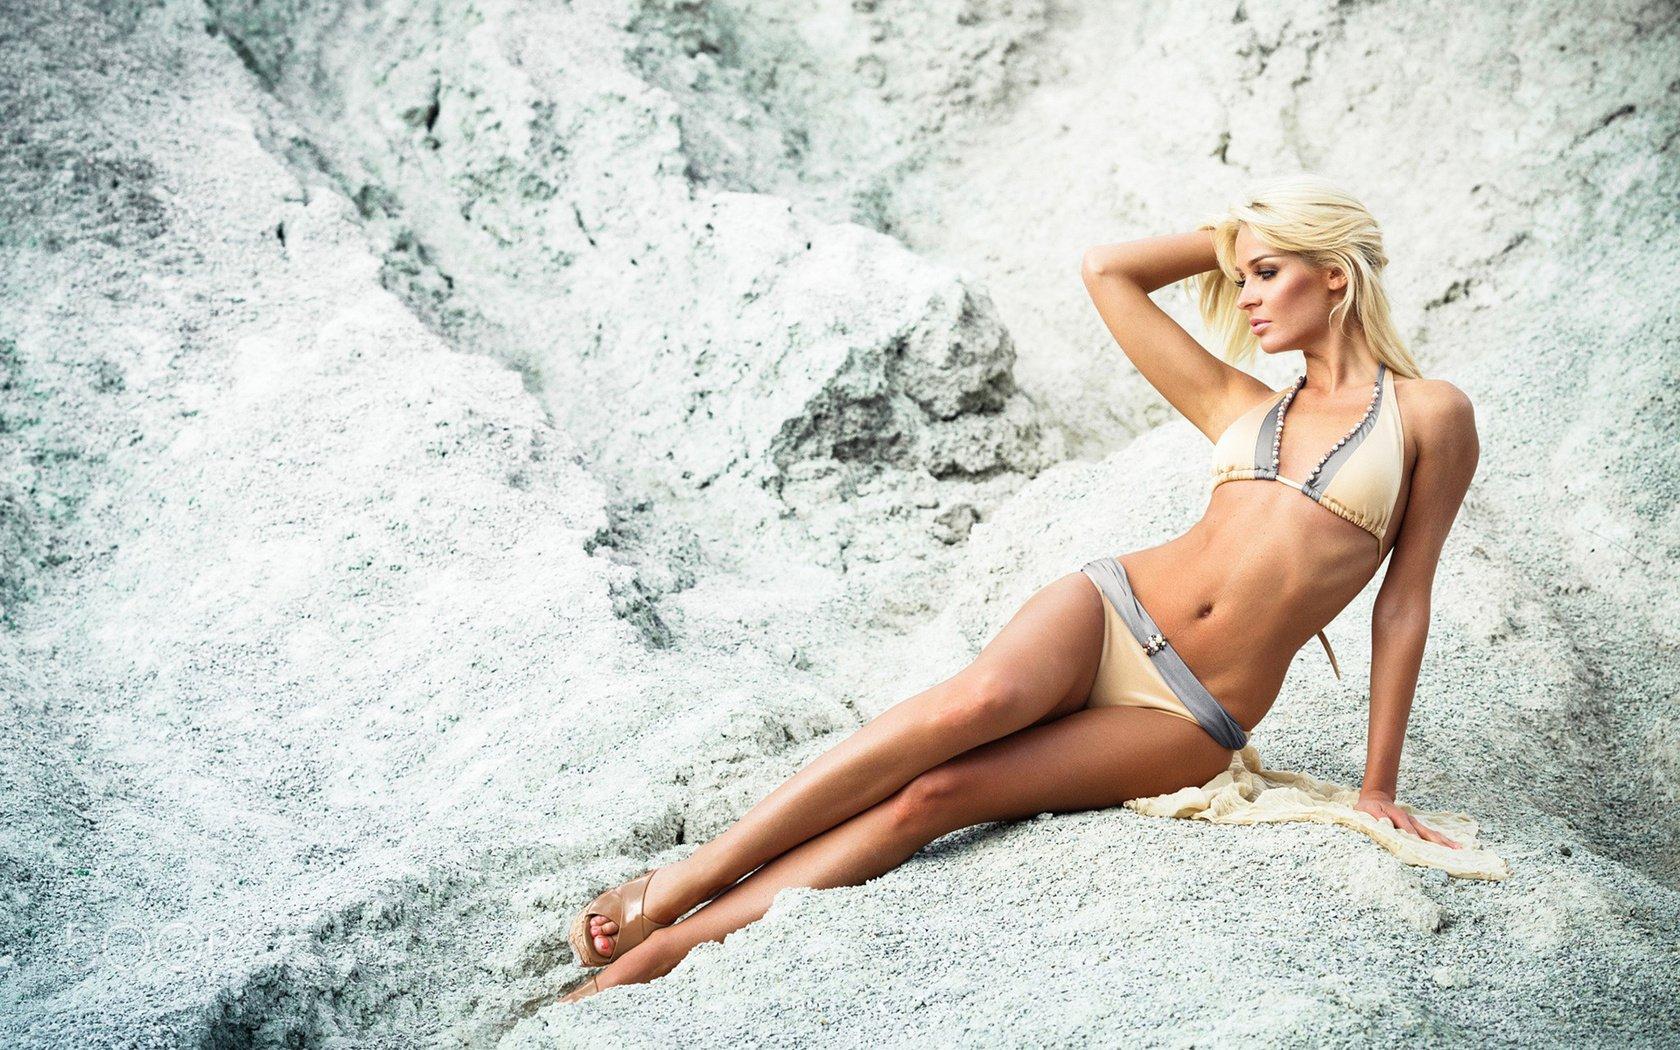 Худенькие модели блондинки, Нежная худенькая блондинка (19 фото) 16 фотография